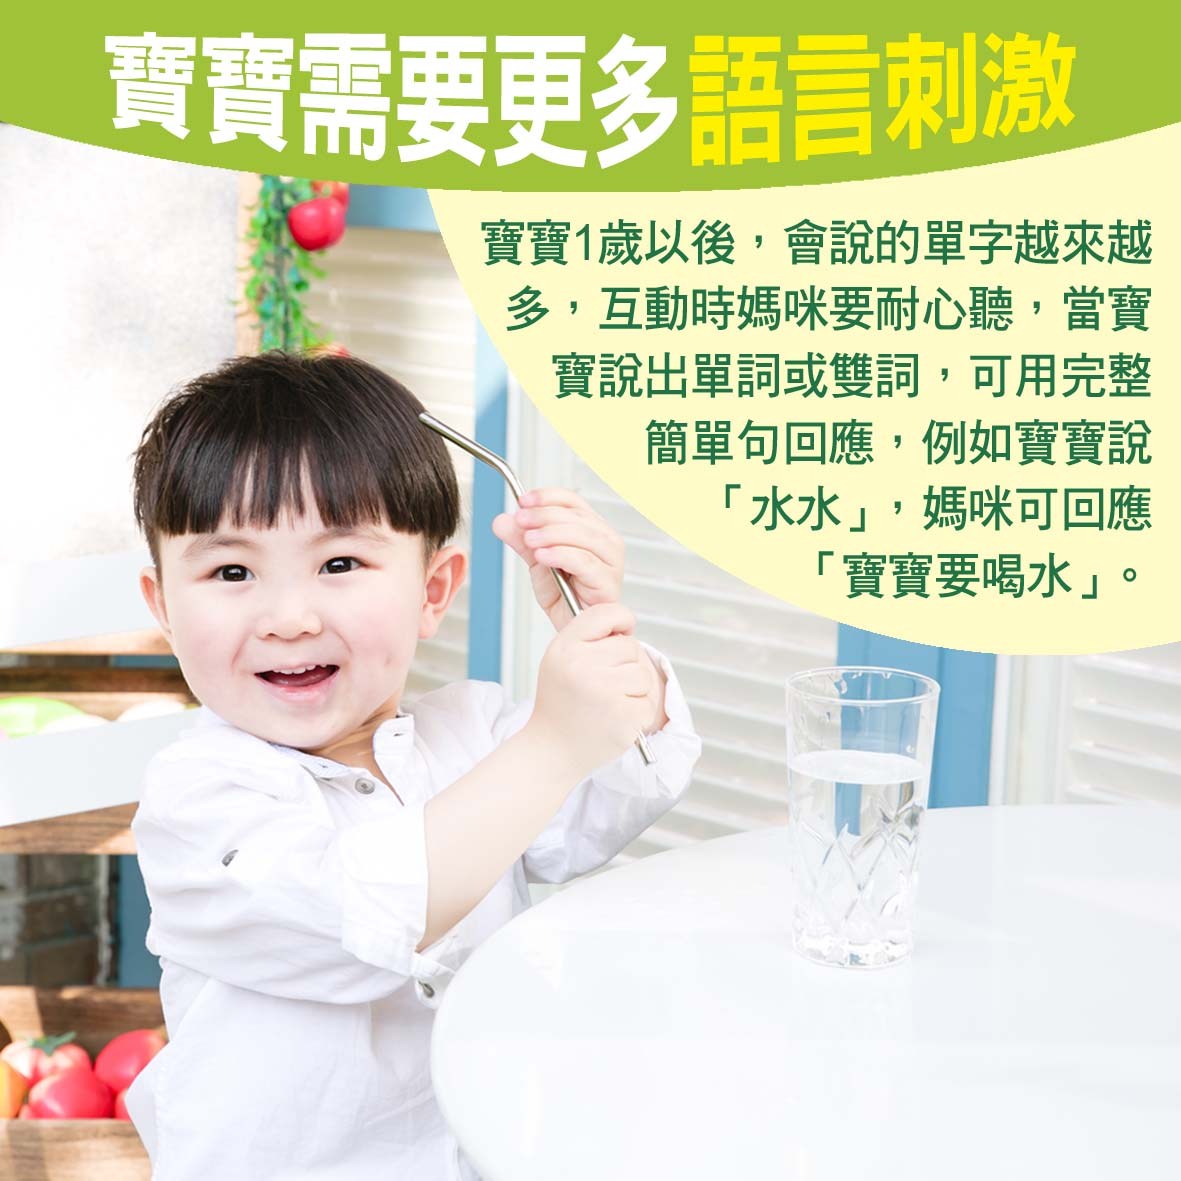 寶寶篇1歲第35~36週-寶寶需要更多語言刺激